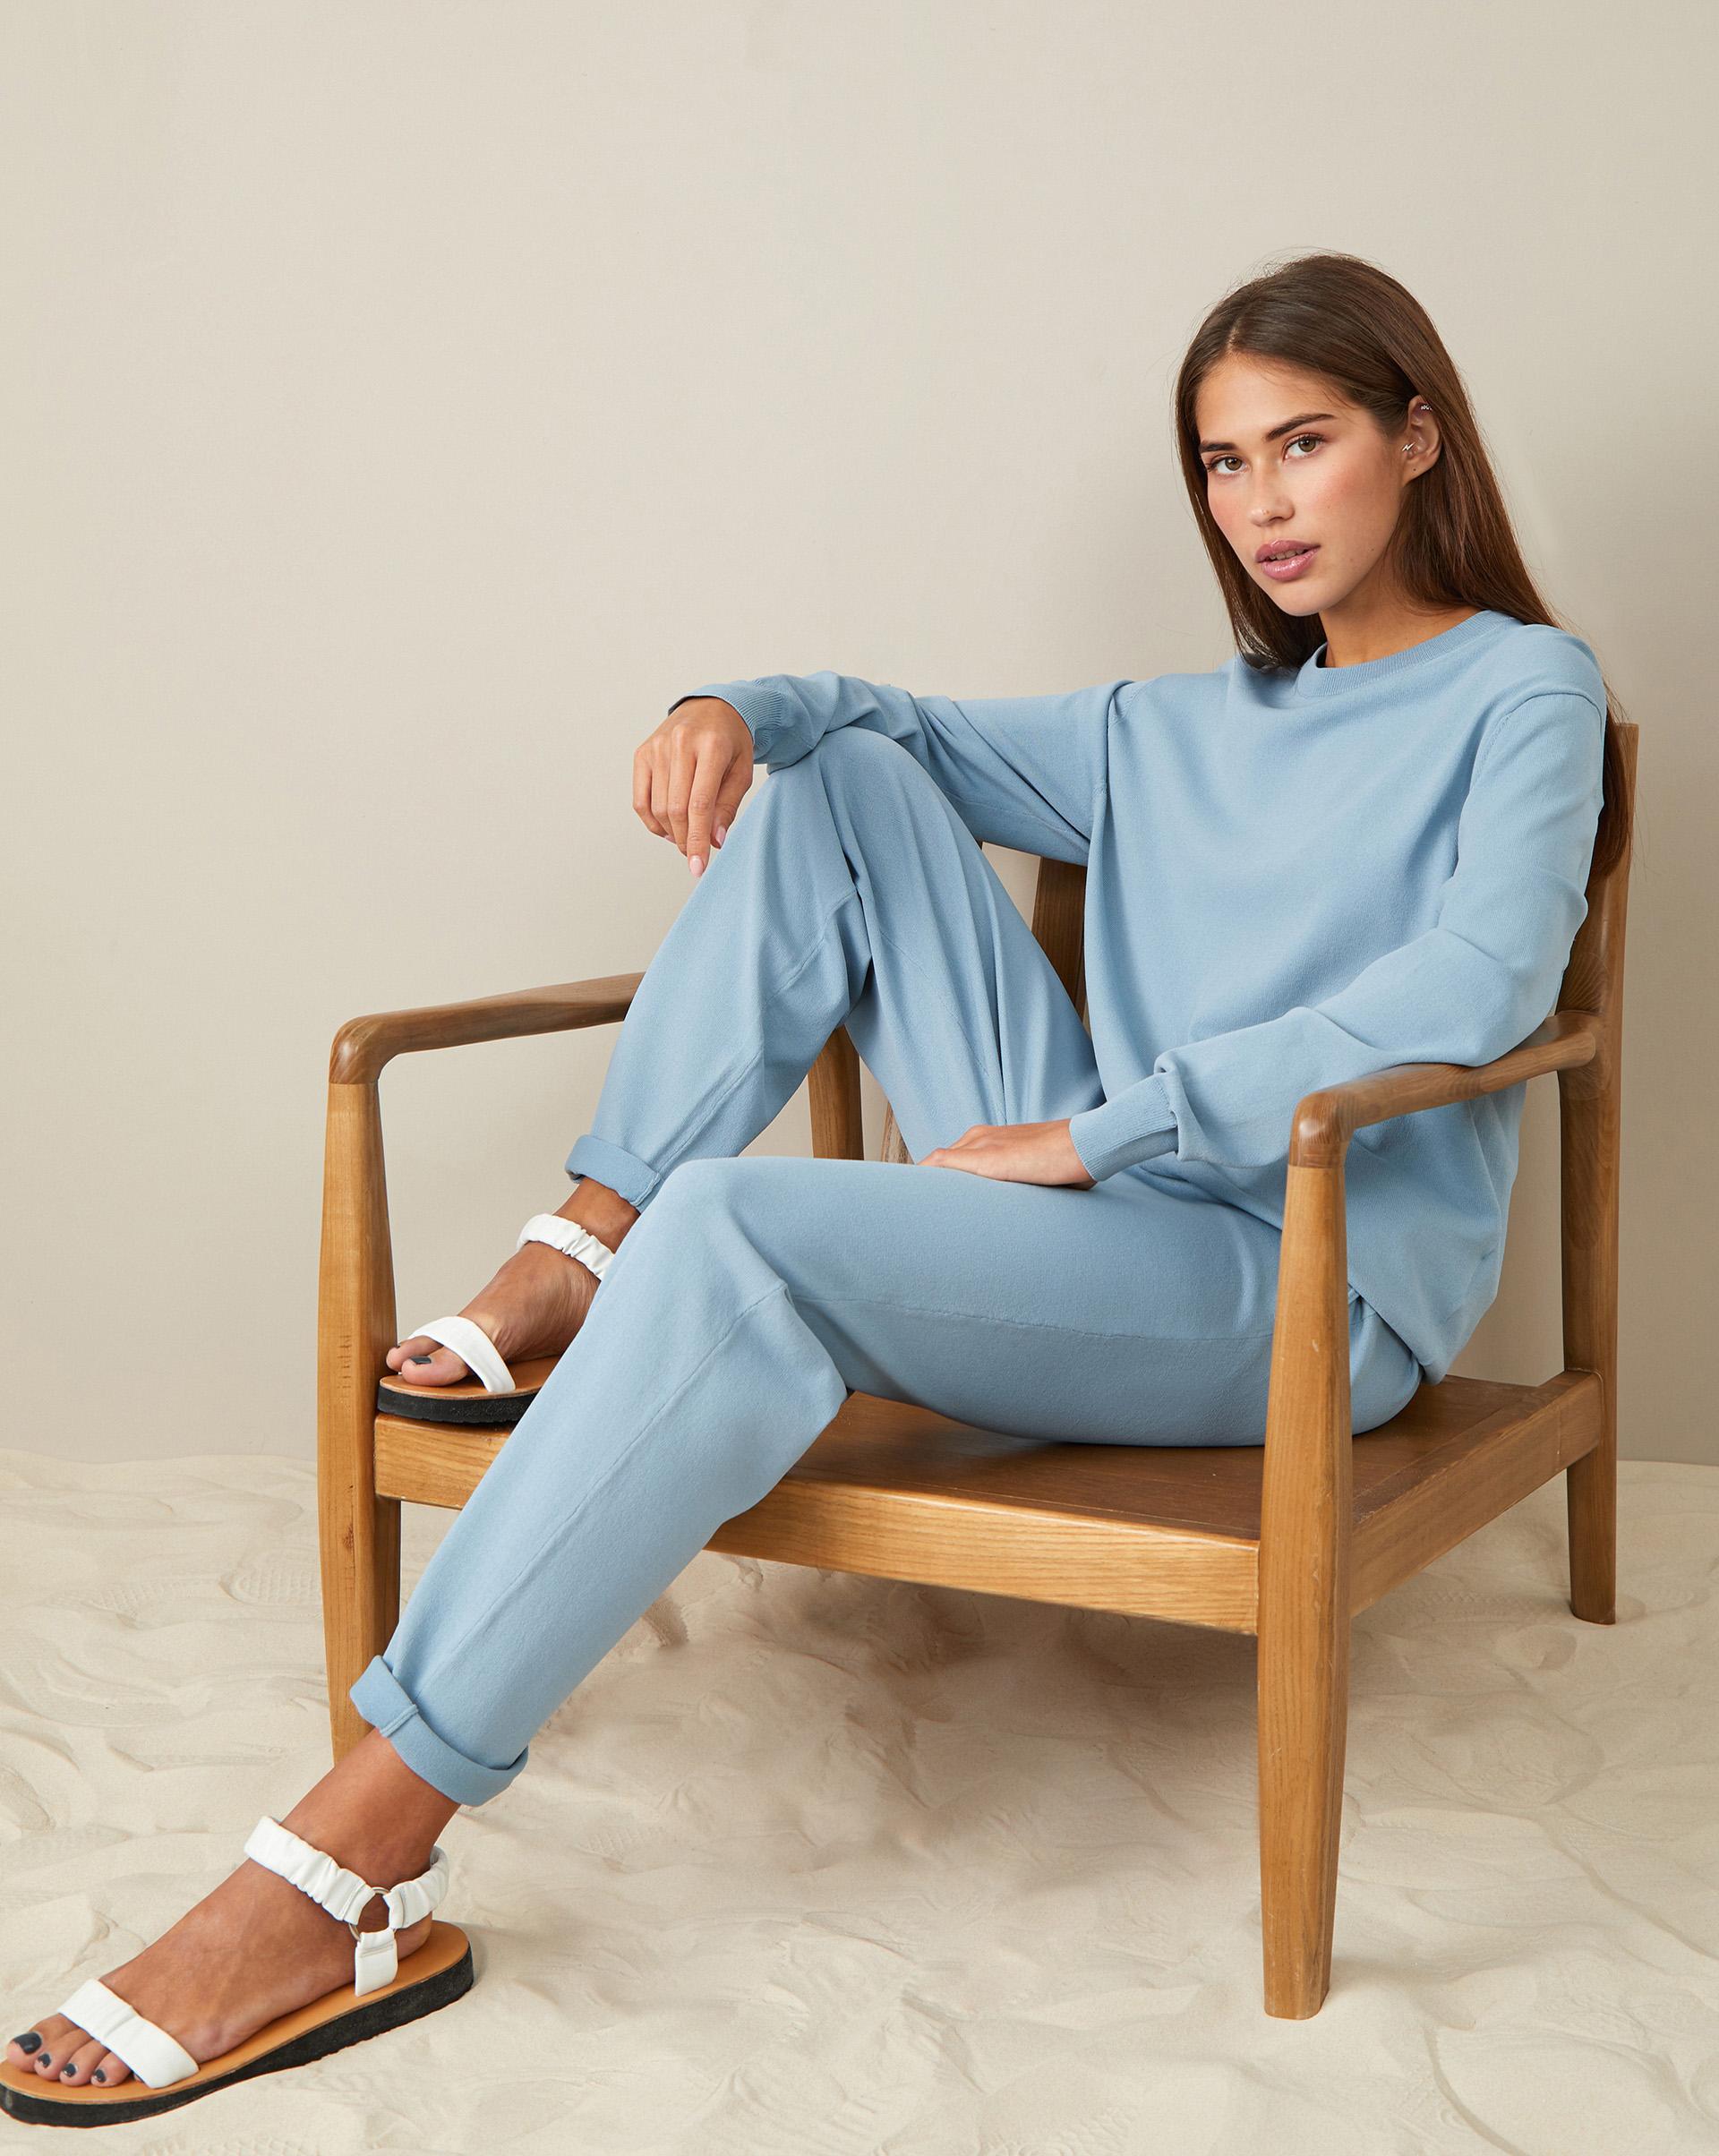 Фото - 12⠀STOREEZ Брюки на завязках (Серо-голубой) брюки в городском стиле из ткани стретч с удлиняющими вырезами